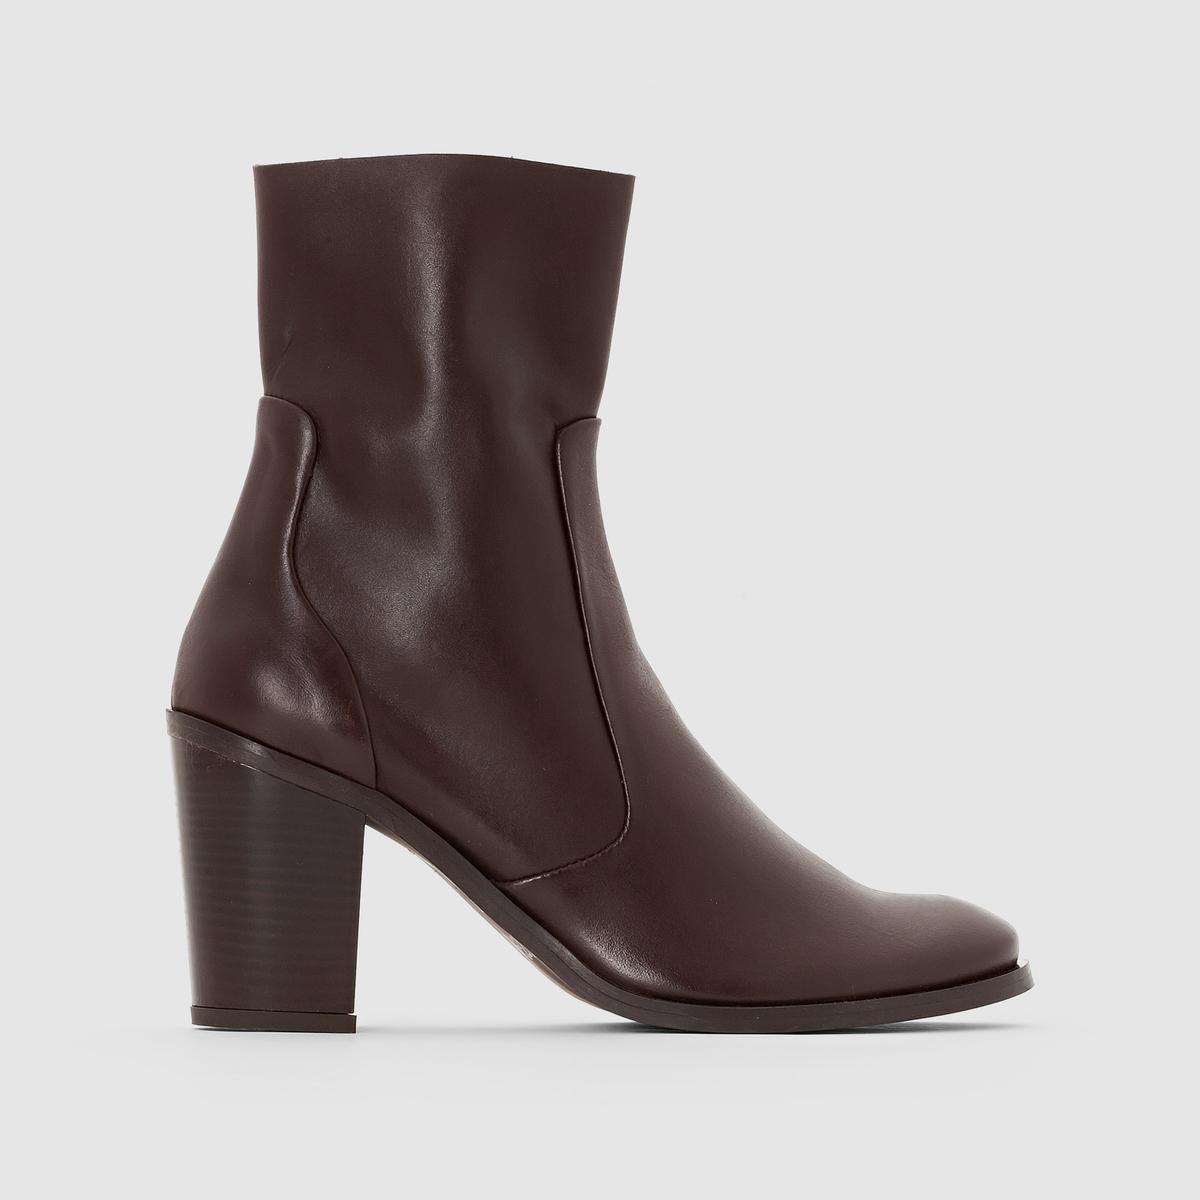 Ботильоны кожаные на каблукеПреимущества : эти ботильоны с мелкозернистой кожей, с застежкой на молнию и на высоком каблуке не оставят никого безразличным .<br><br>Цвет: каштановый,черный<br>Размер: 39.38